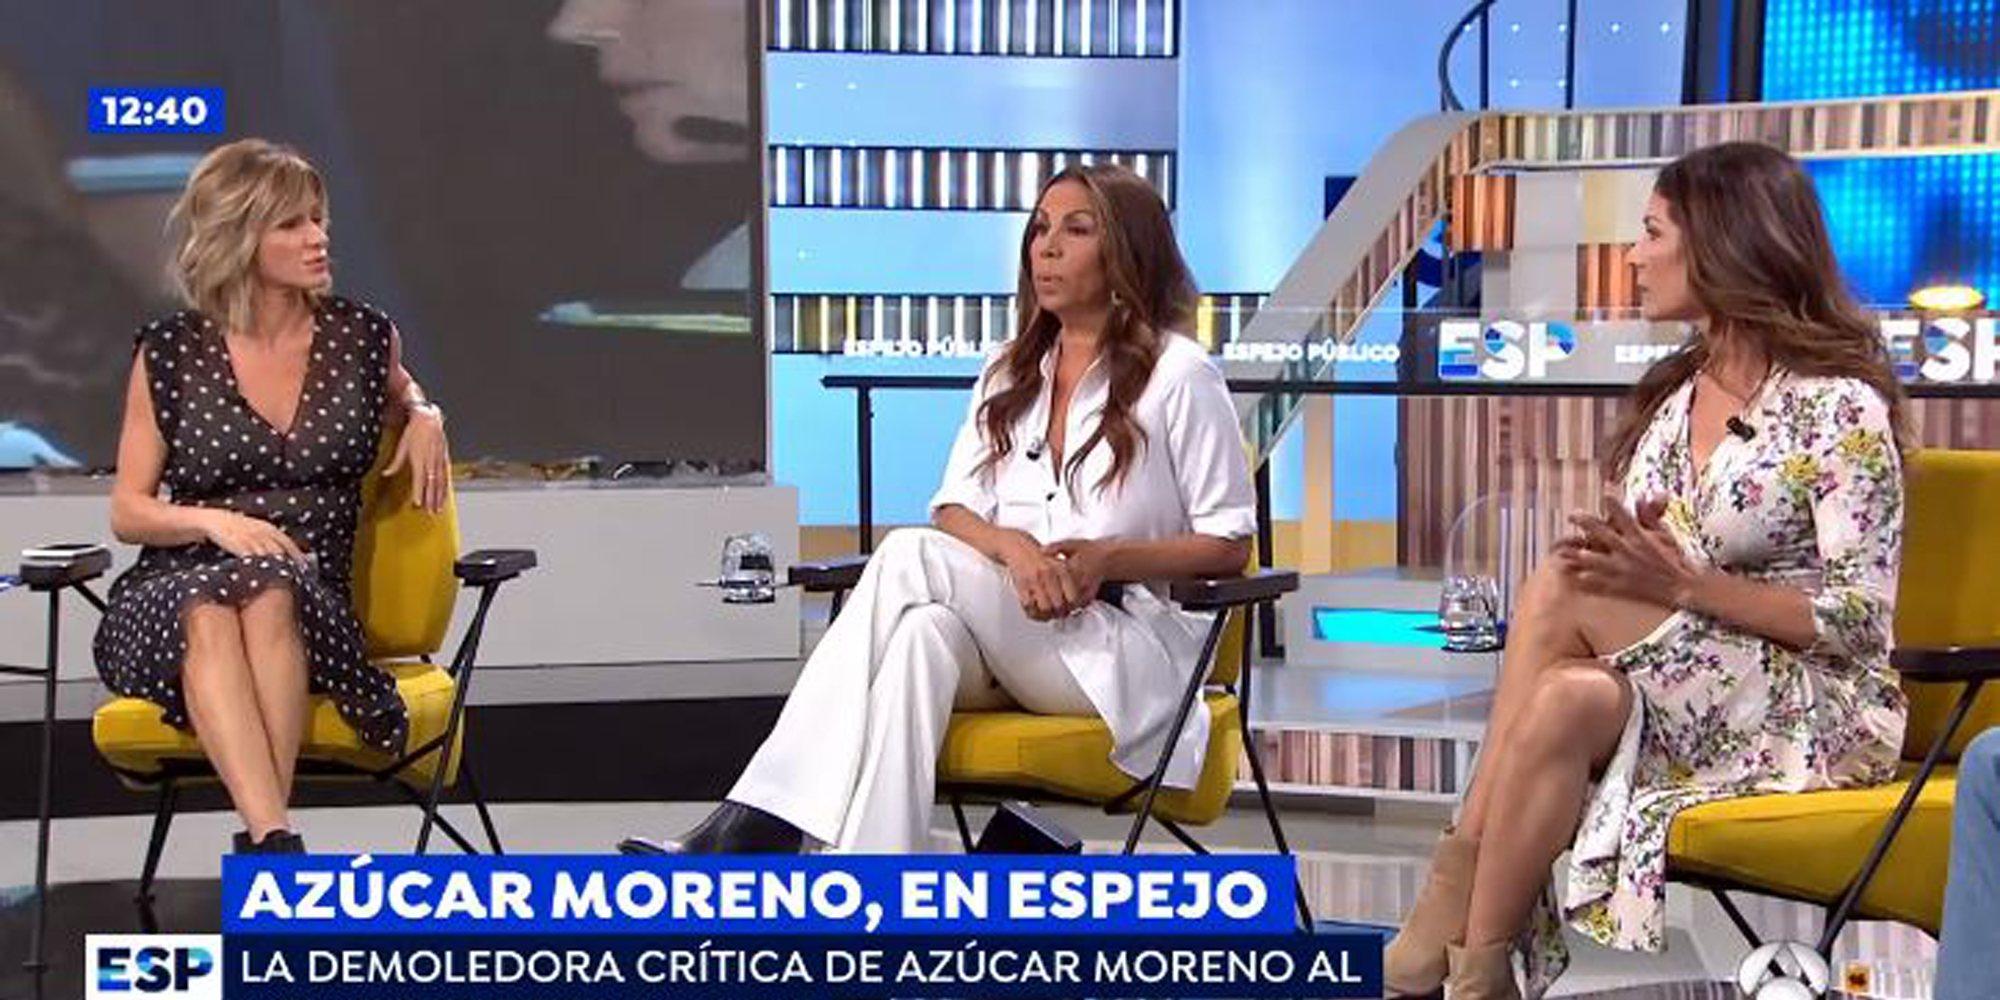 """Las Azúcar Moreno arremeten contra Chabelita Pantoja en 'Espejo Público': """"Eso no es música"""""""